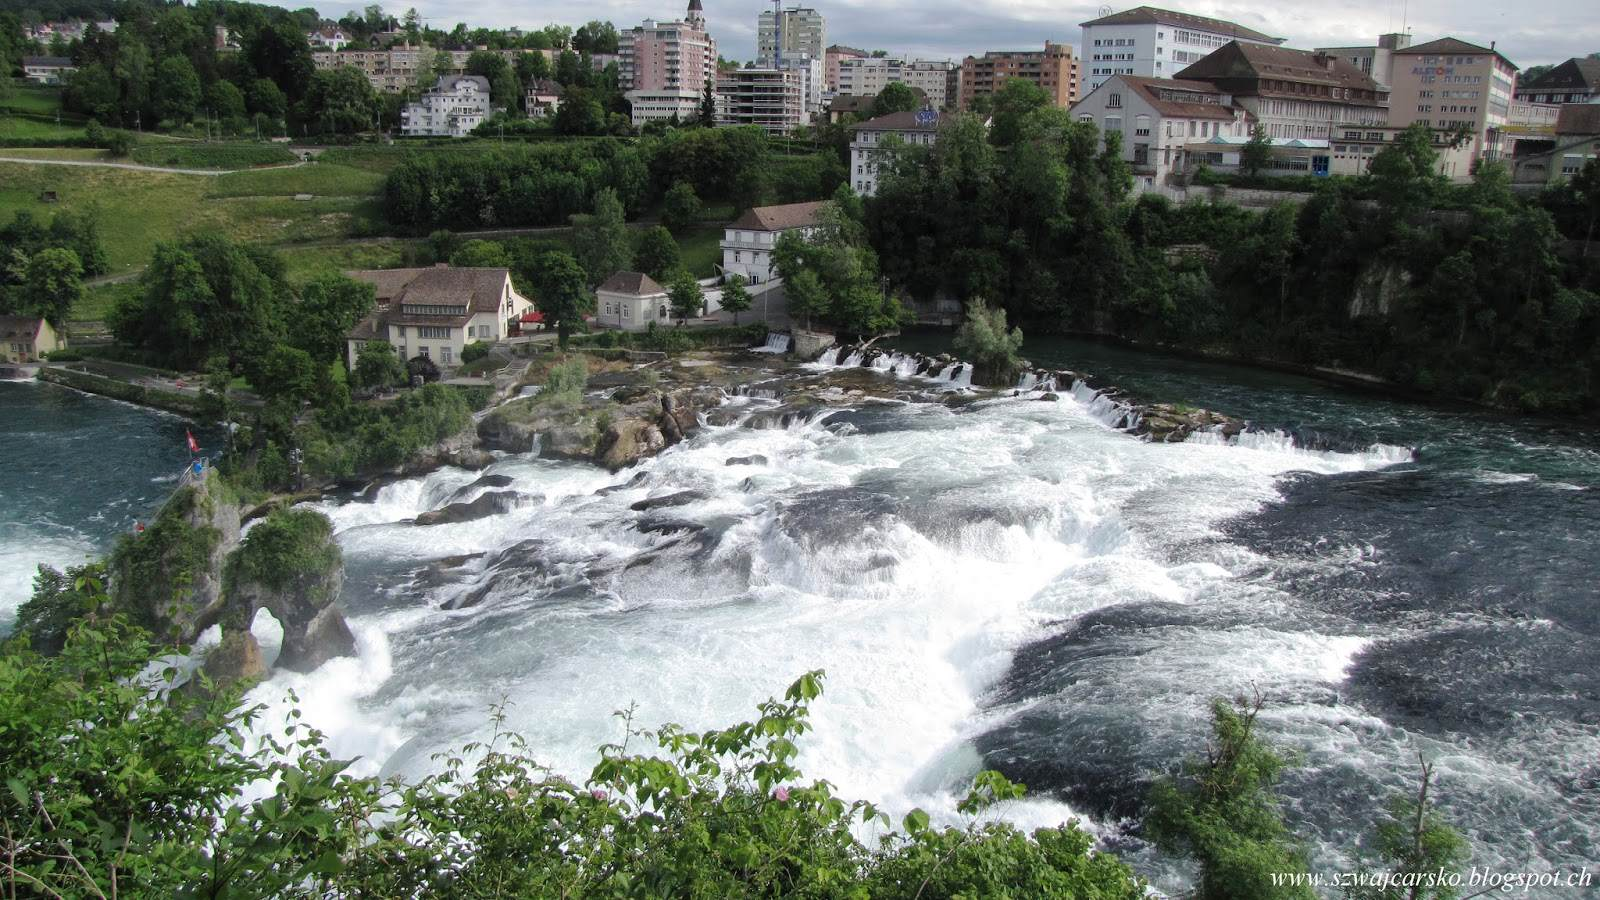 Rheinfall, największy wodospad w Europie.